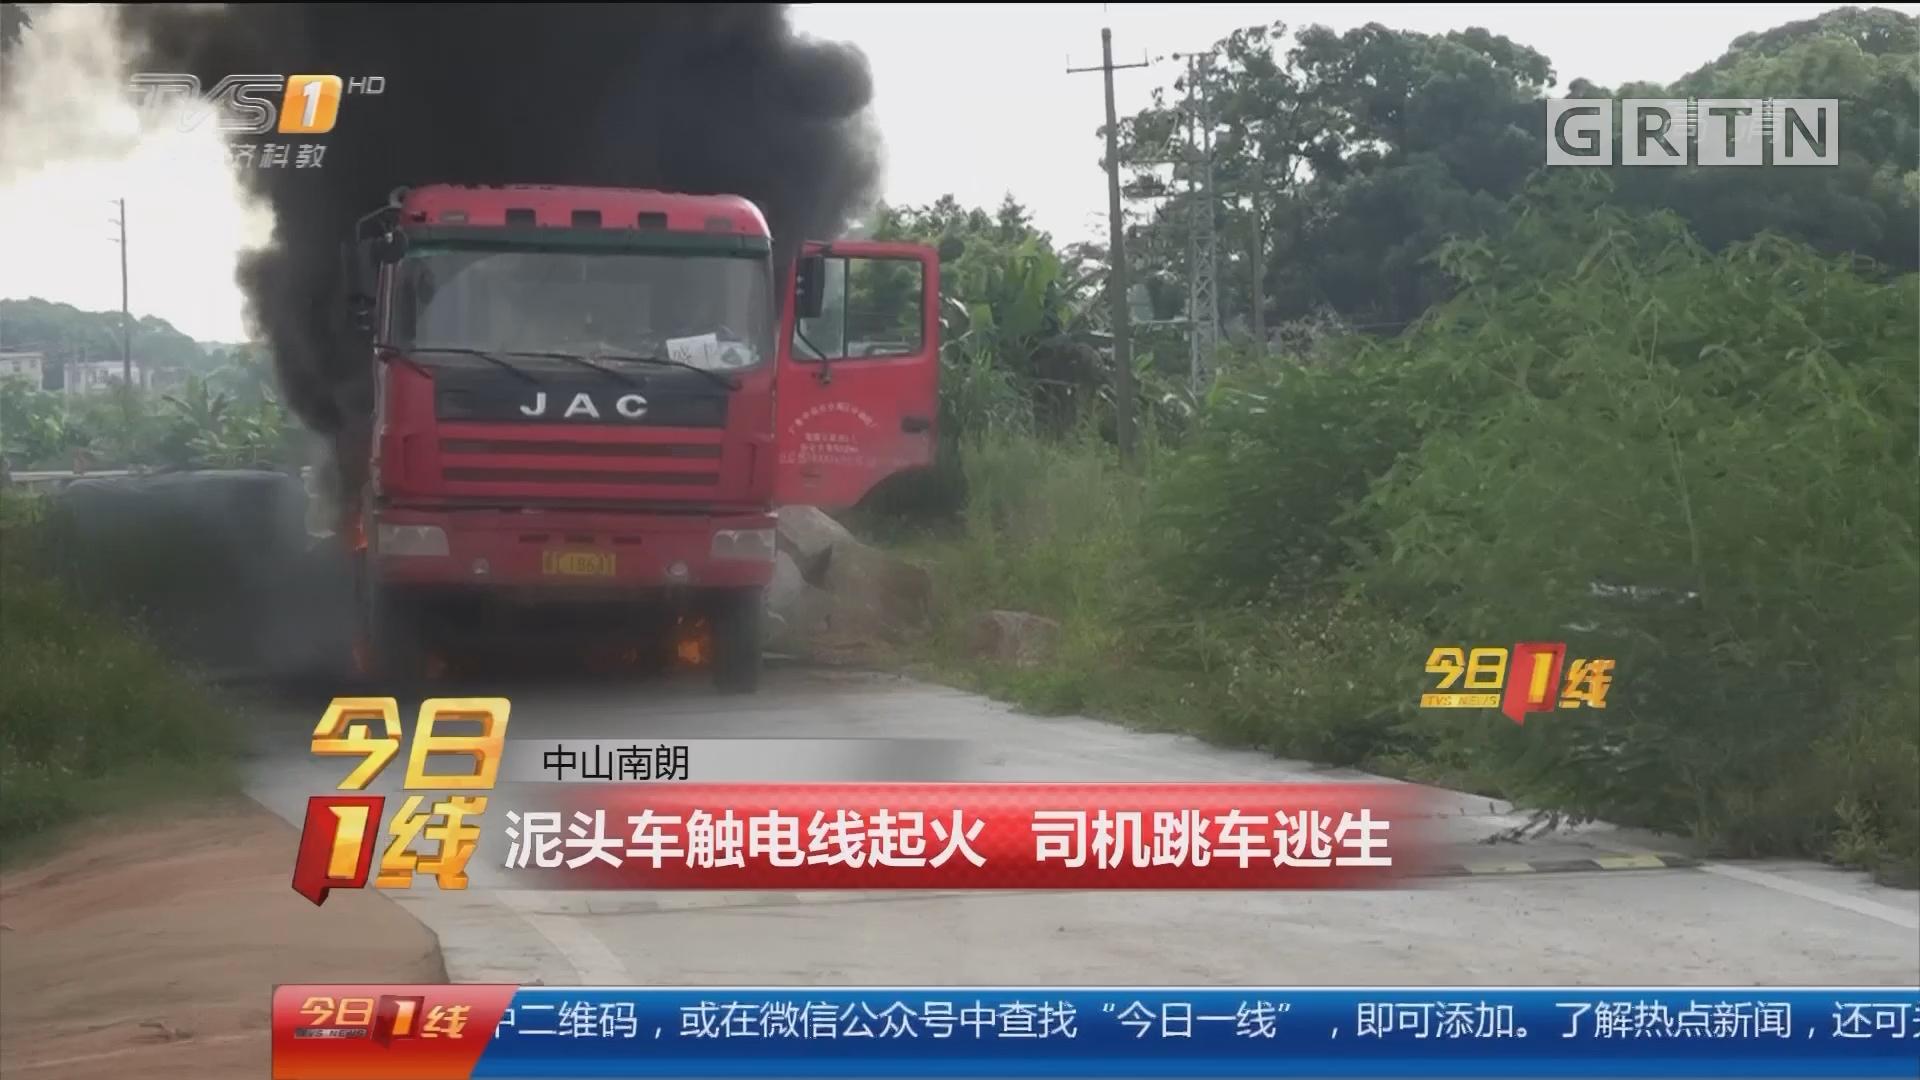 中山南朗:泥头车触电线起火 司机跳车逃生